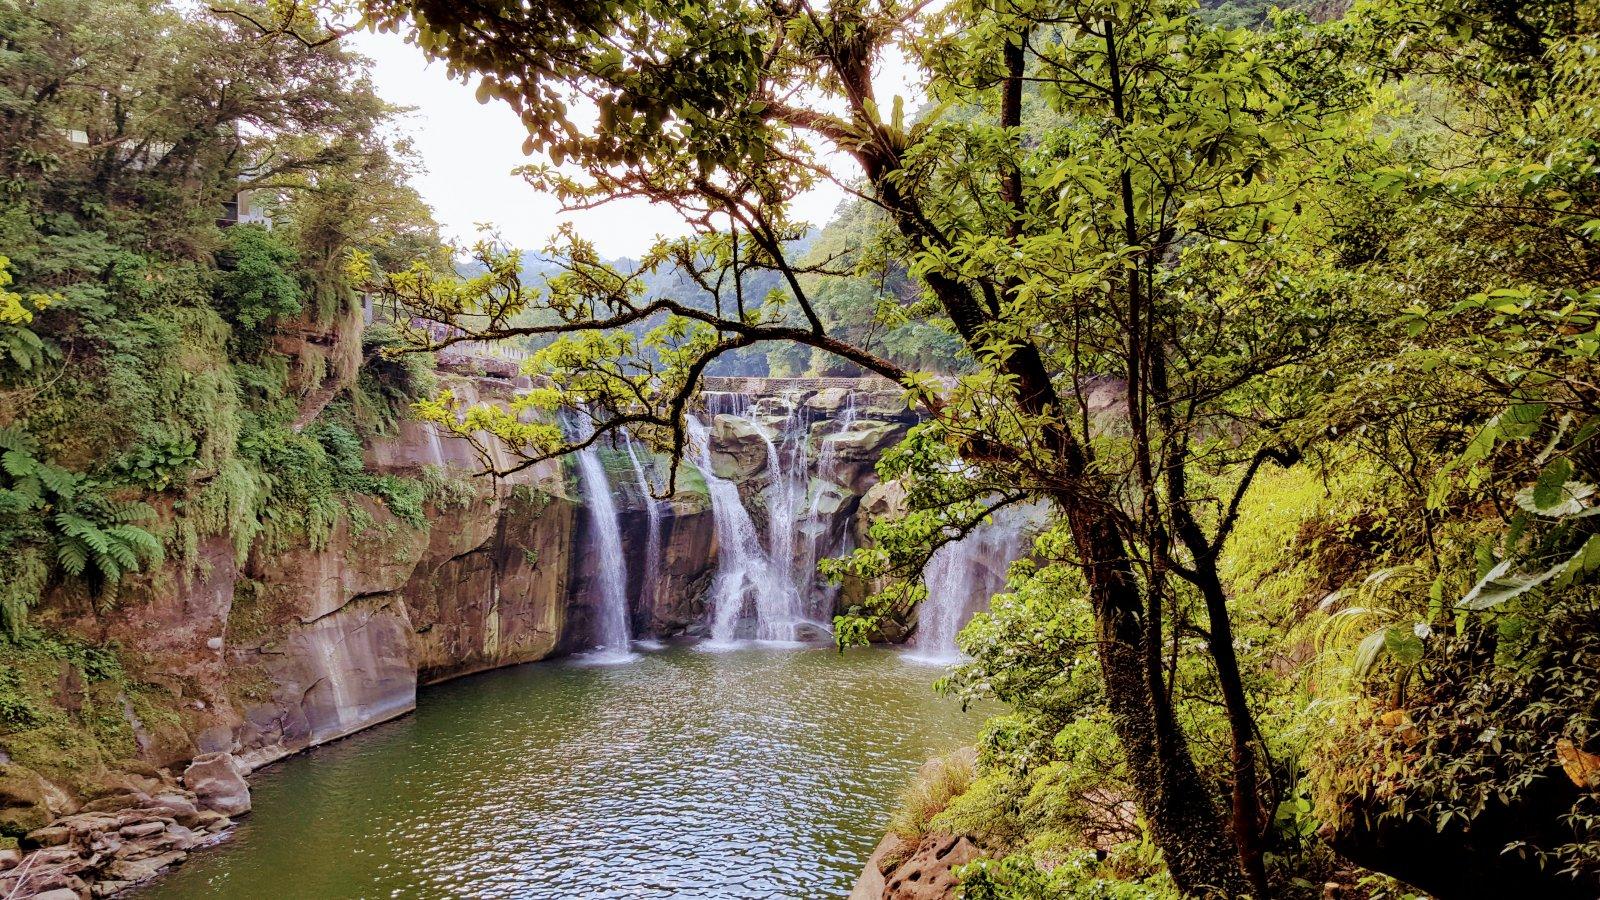 Tayvan'da Bir Şelale